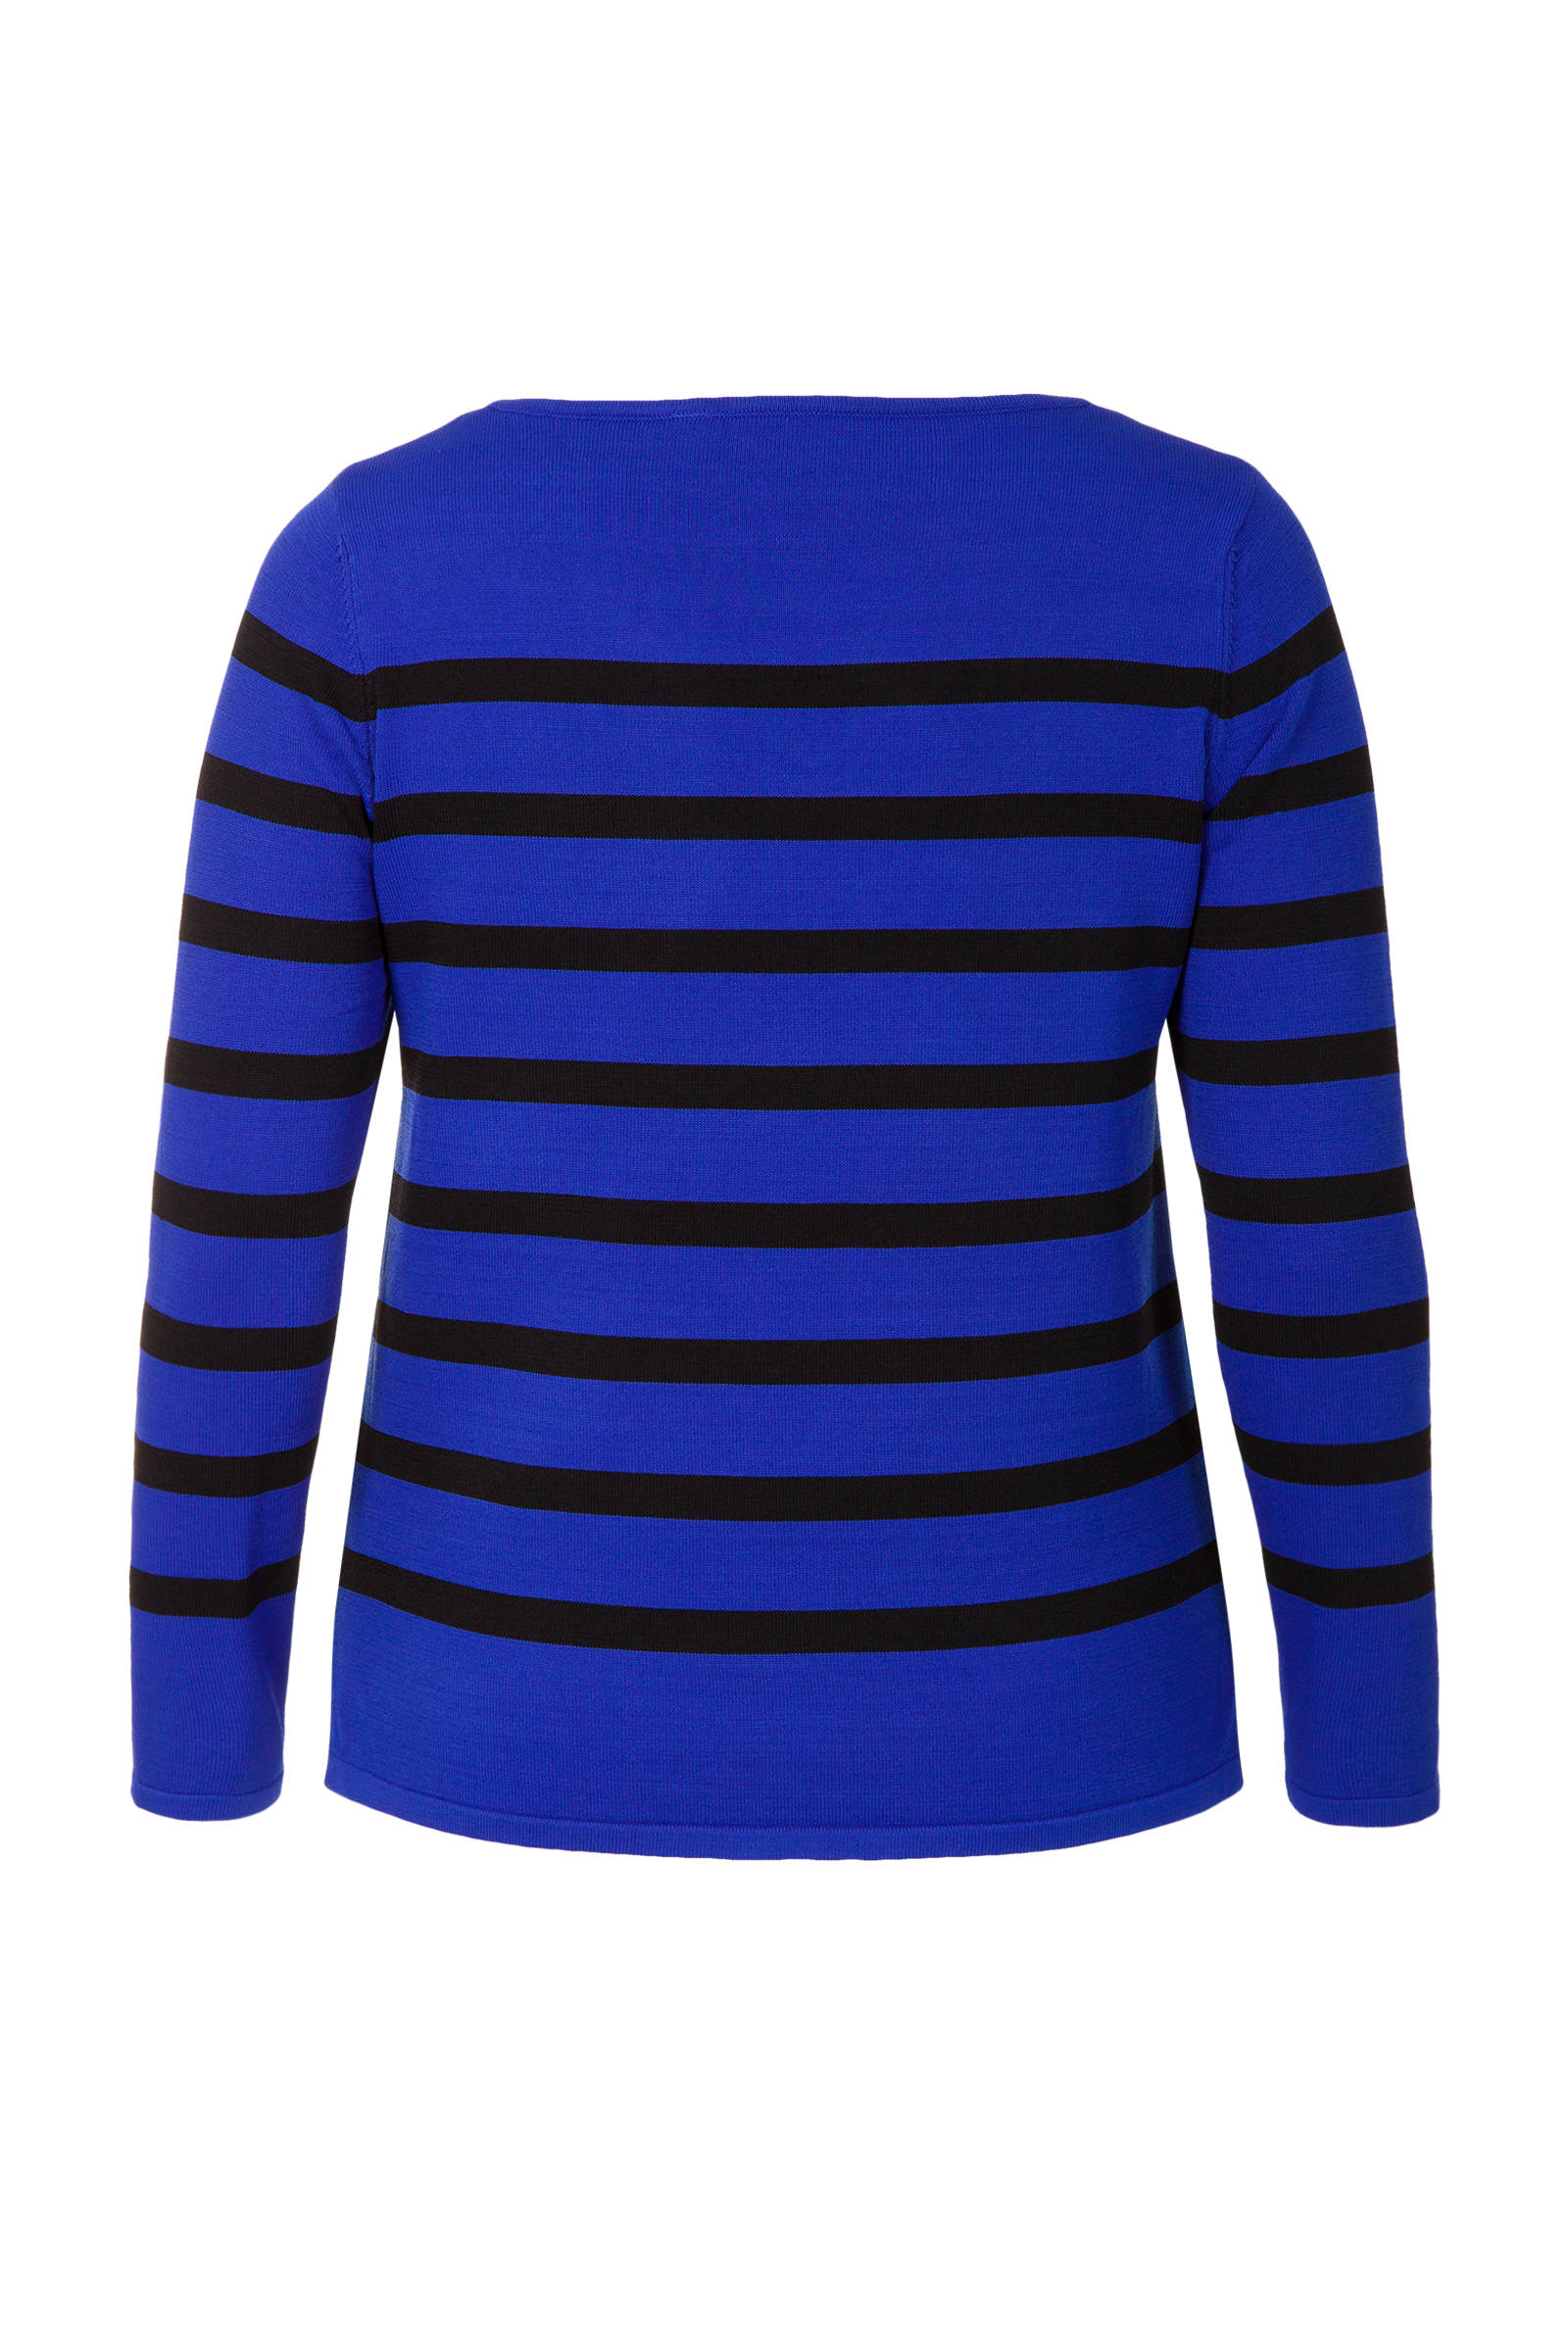 Miss Etam Plus trui gestreept zwart | wehkamp